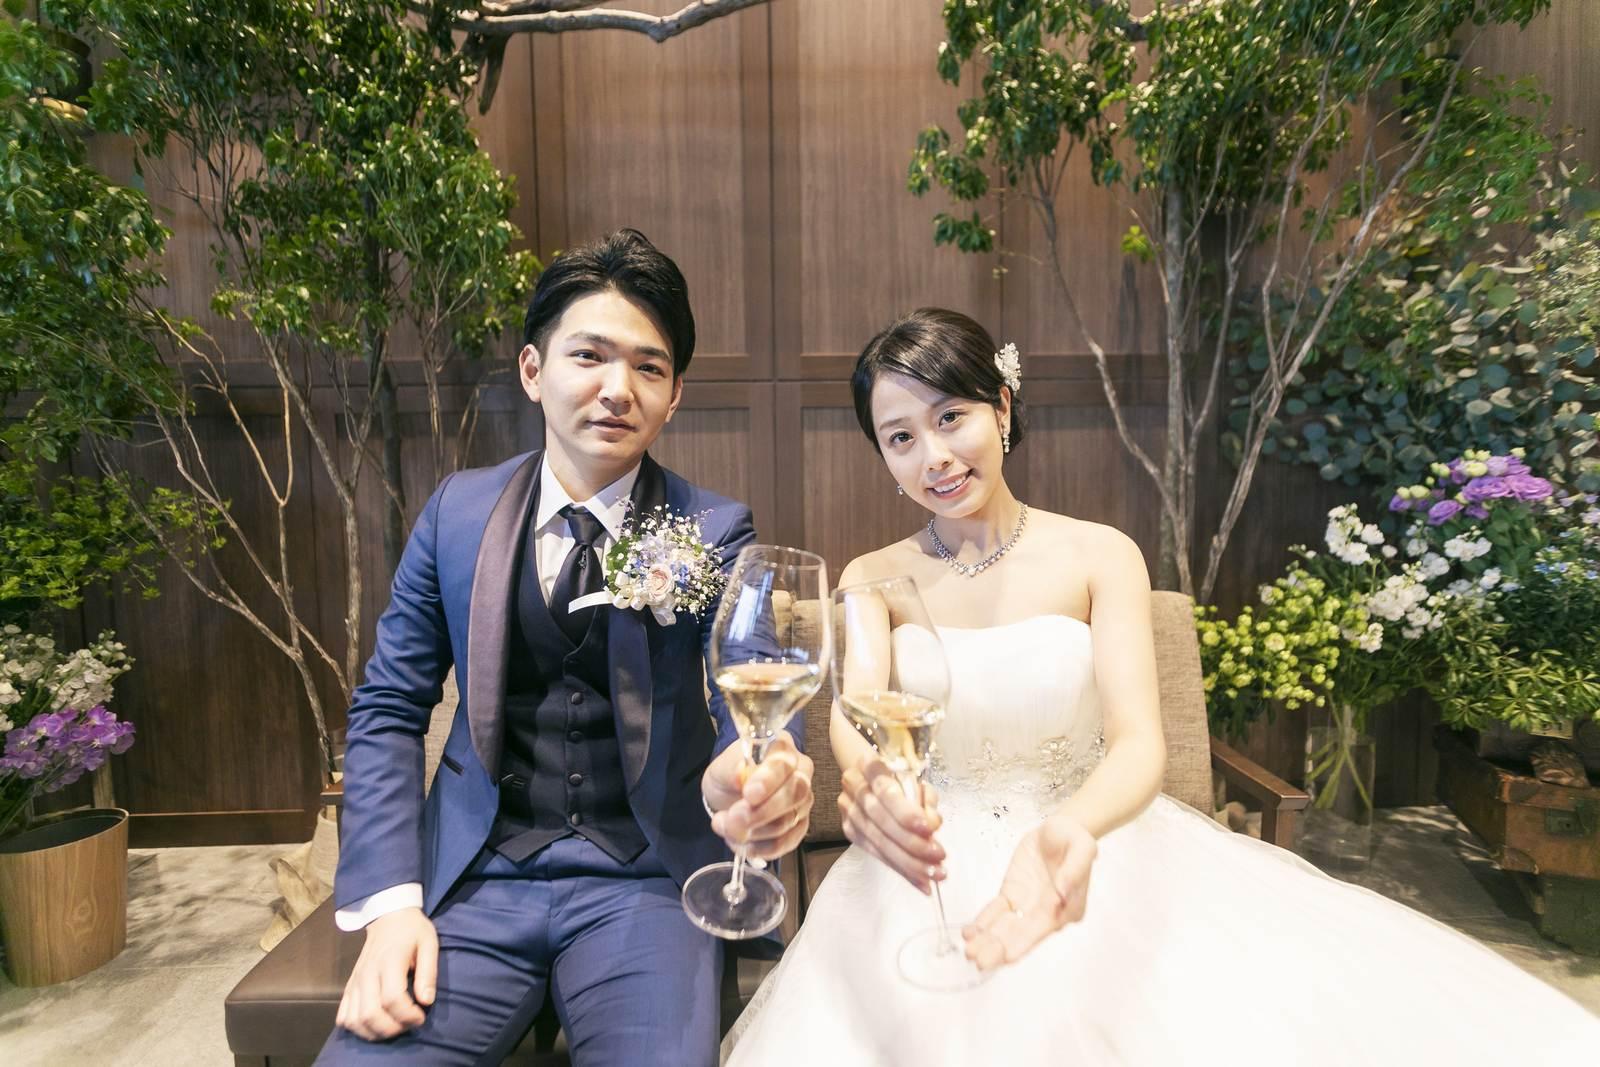 香川県高松市の結婚式場アナザースタイルのメインテーブルでふたりのショット